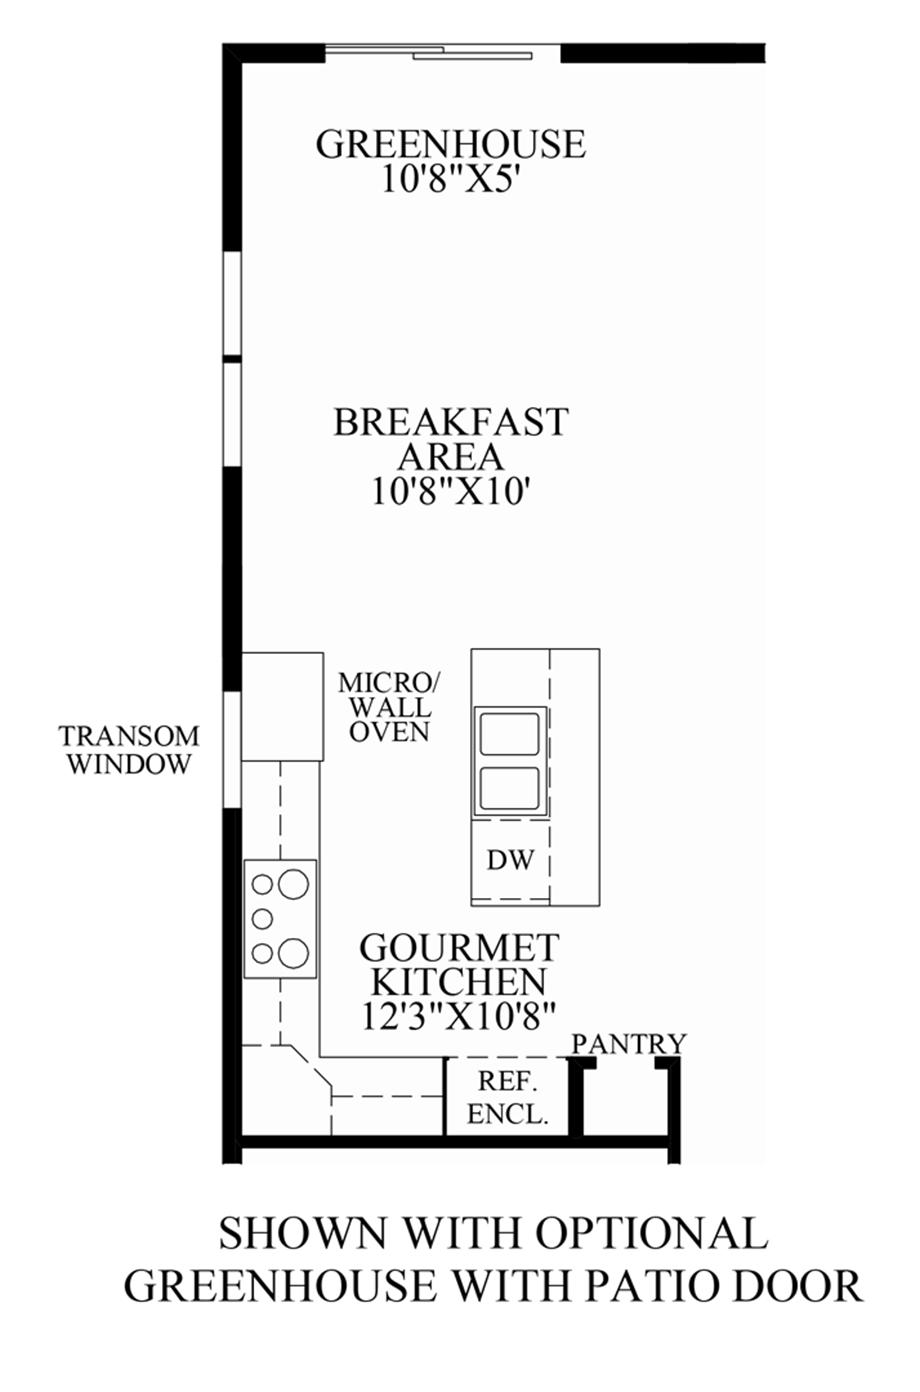 Optional Greenhouse with Patio Door Floor Plan